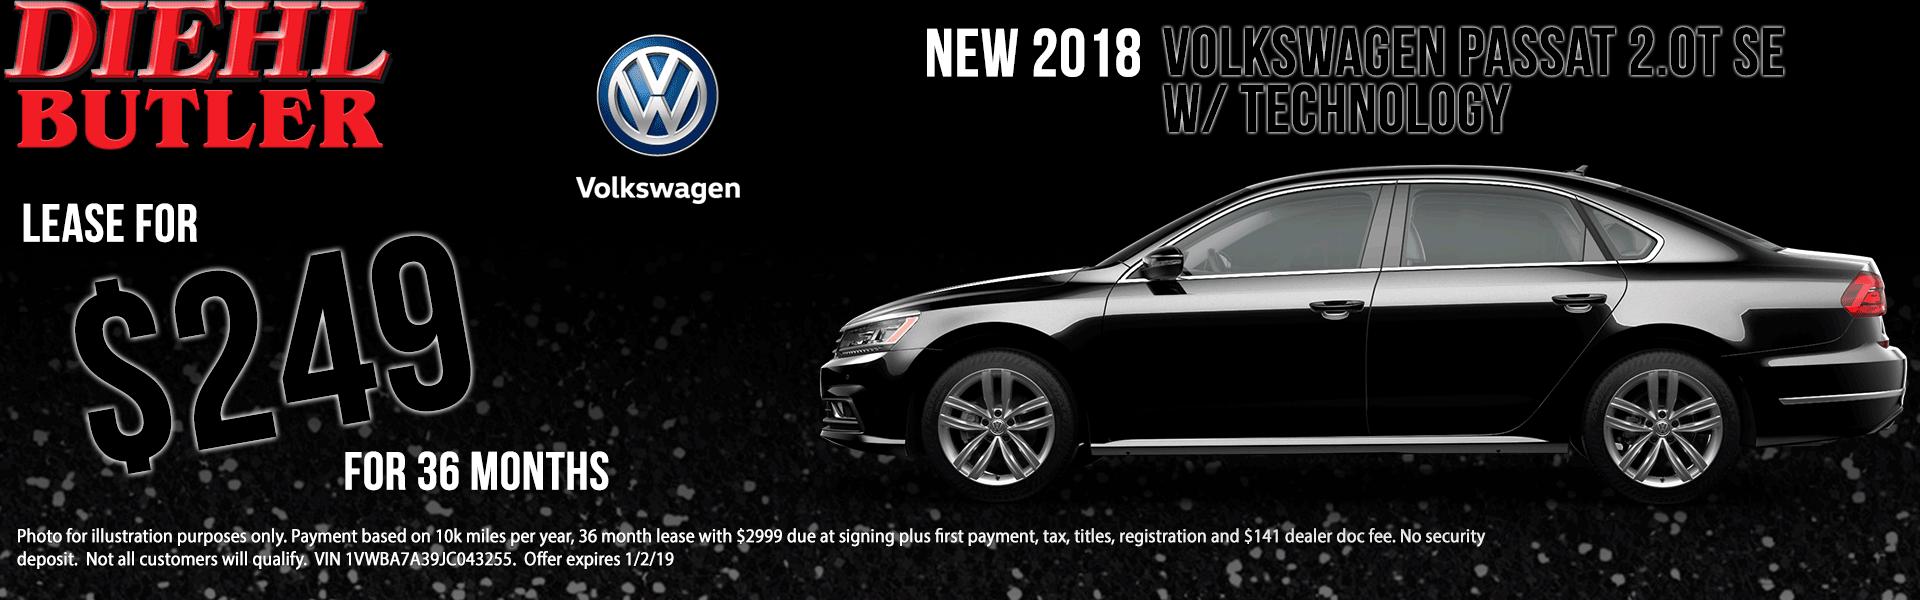 Diehl Volkswagen of Butler pa. New used parts service. New 2018 Volkswagen Passat 2.0T SE FWD 4D Sedan